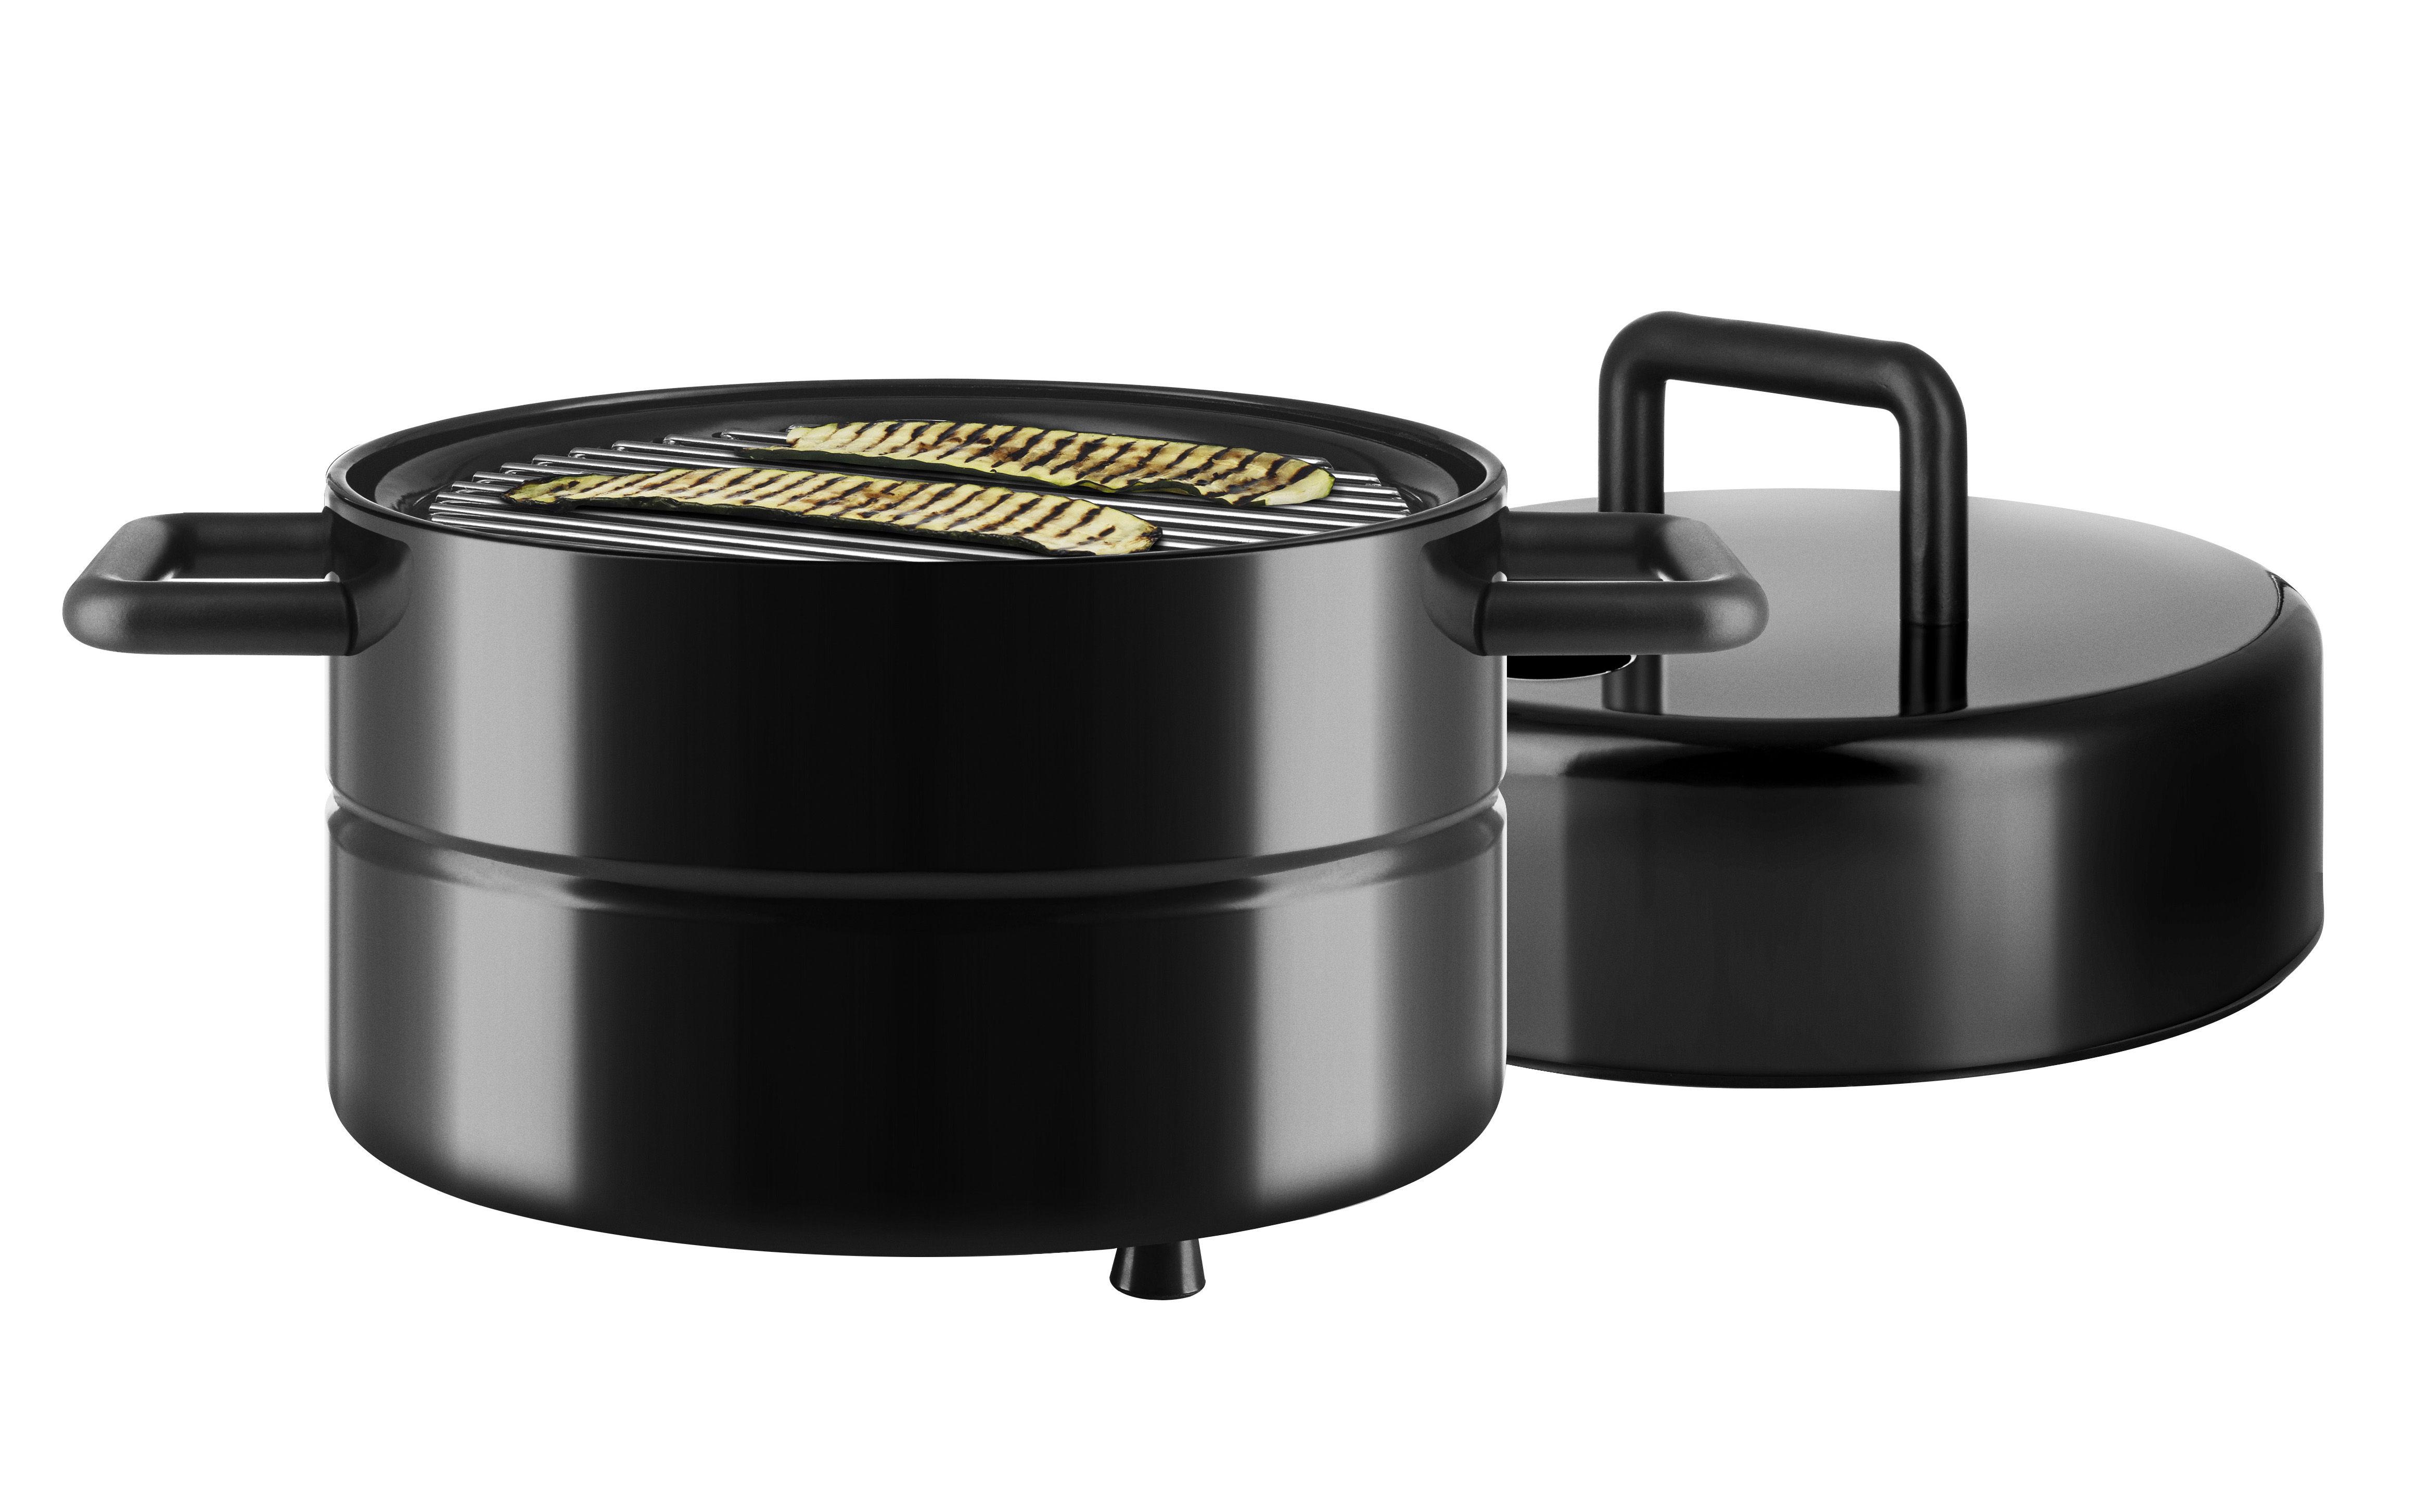 Outdoor - Barbecue - Barbecue portatile a carbone To Go - / Trasportabile - Ø 32 x H 40 cm di Eva Solo - Nero - Acciaio inossidabile, Silicone